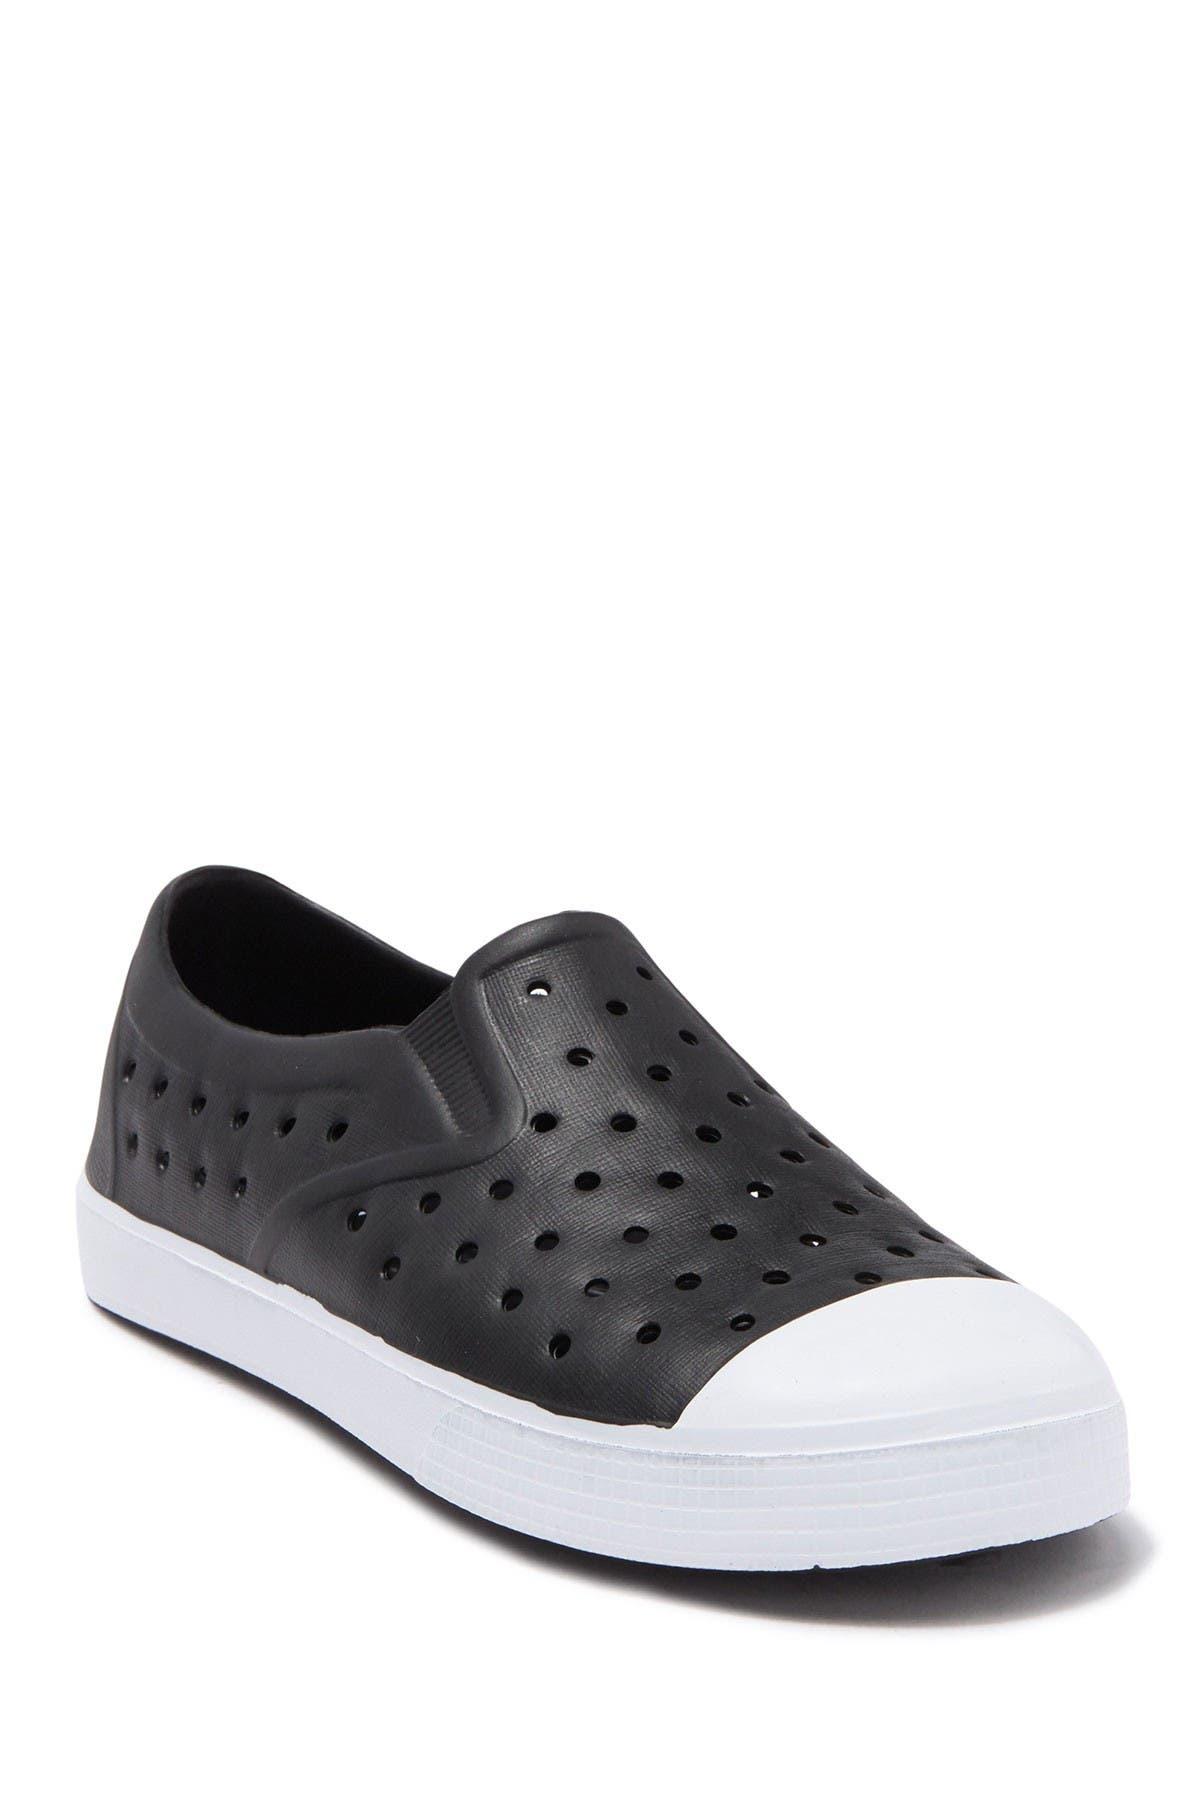 Pick A Size Harper Canyon Kids Lil Billy Sandal Boys/' Shoes Como